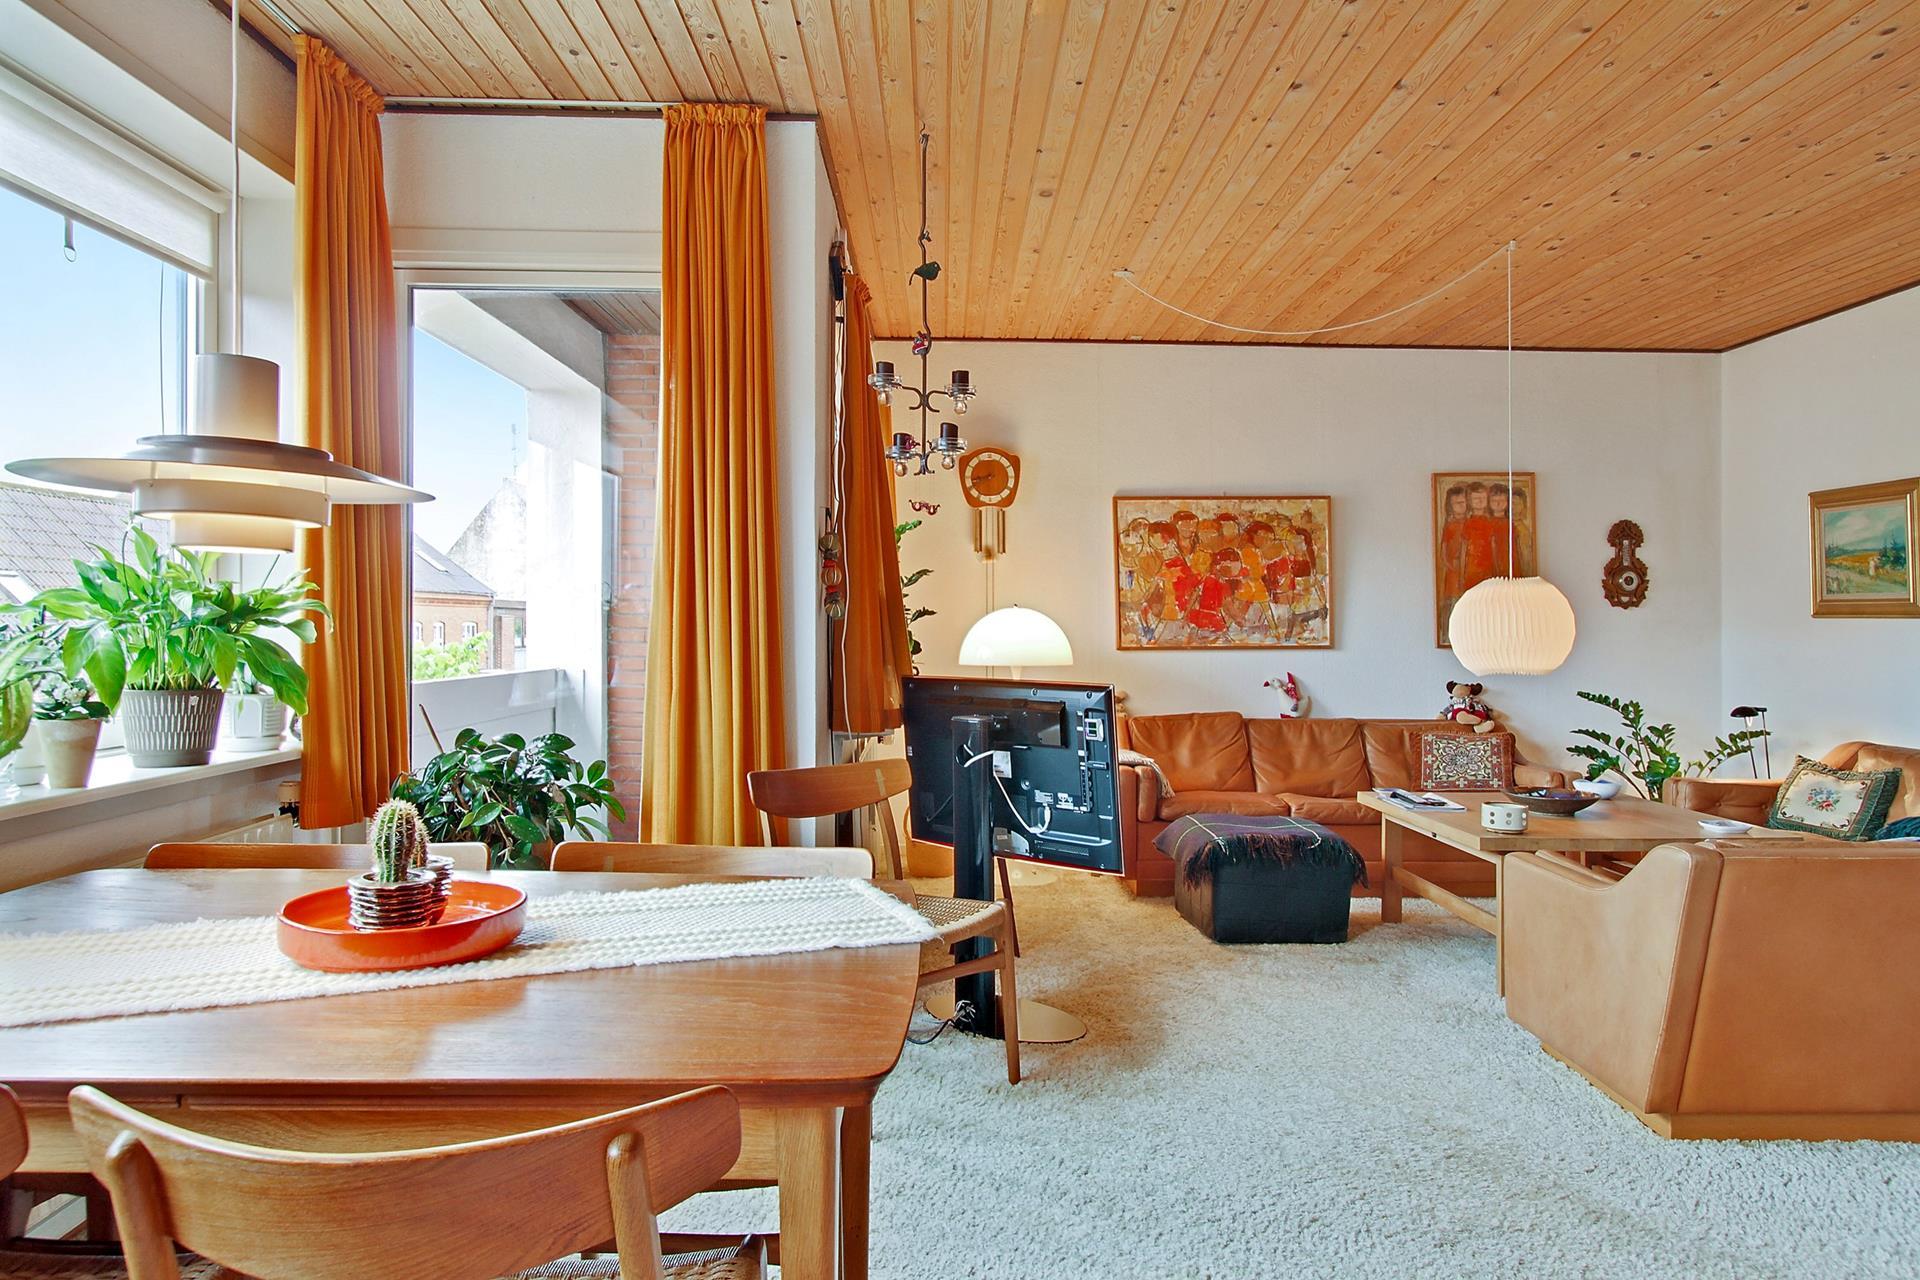 Bolig/erhverv på Vestergade i Struer - Stue